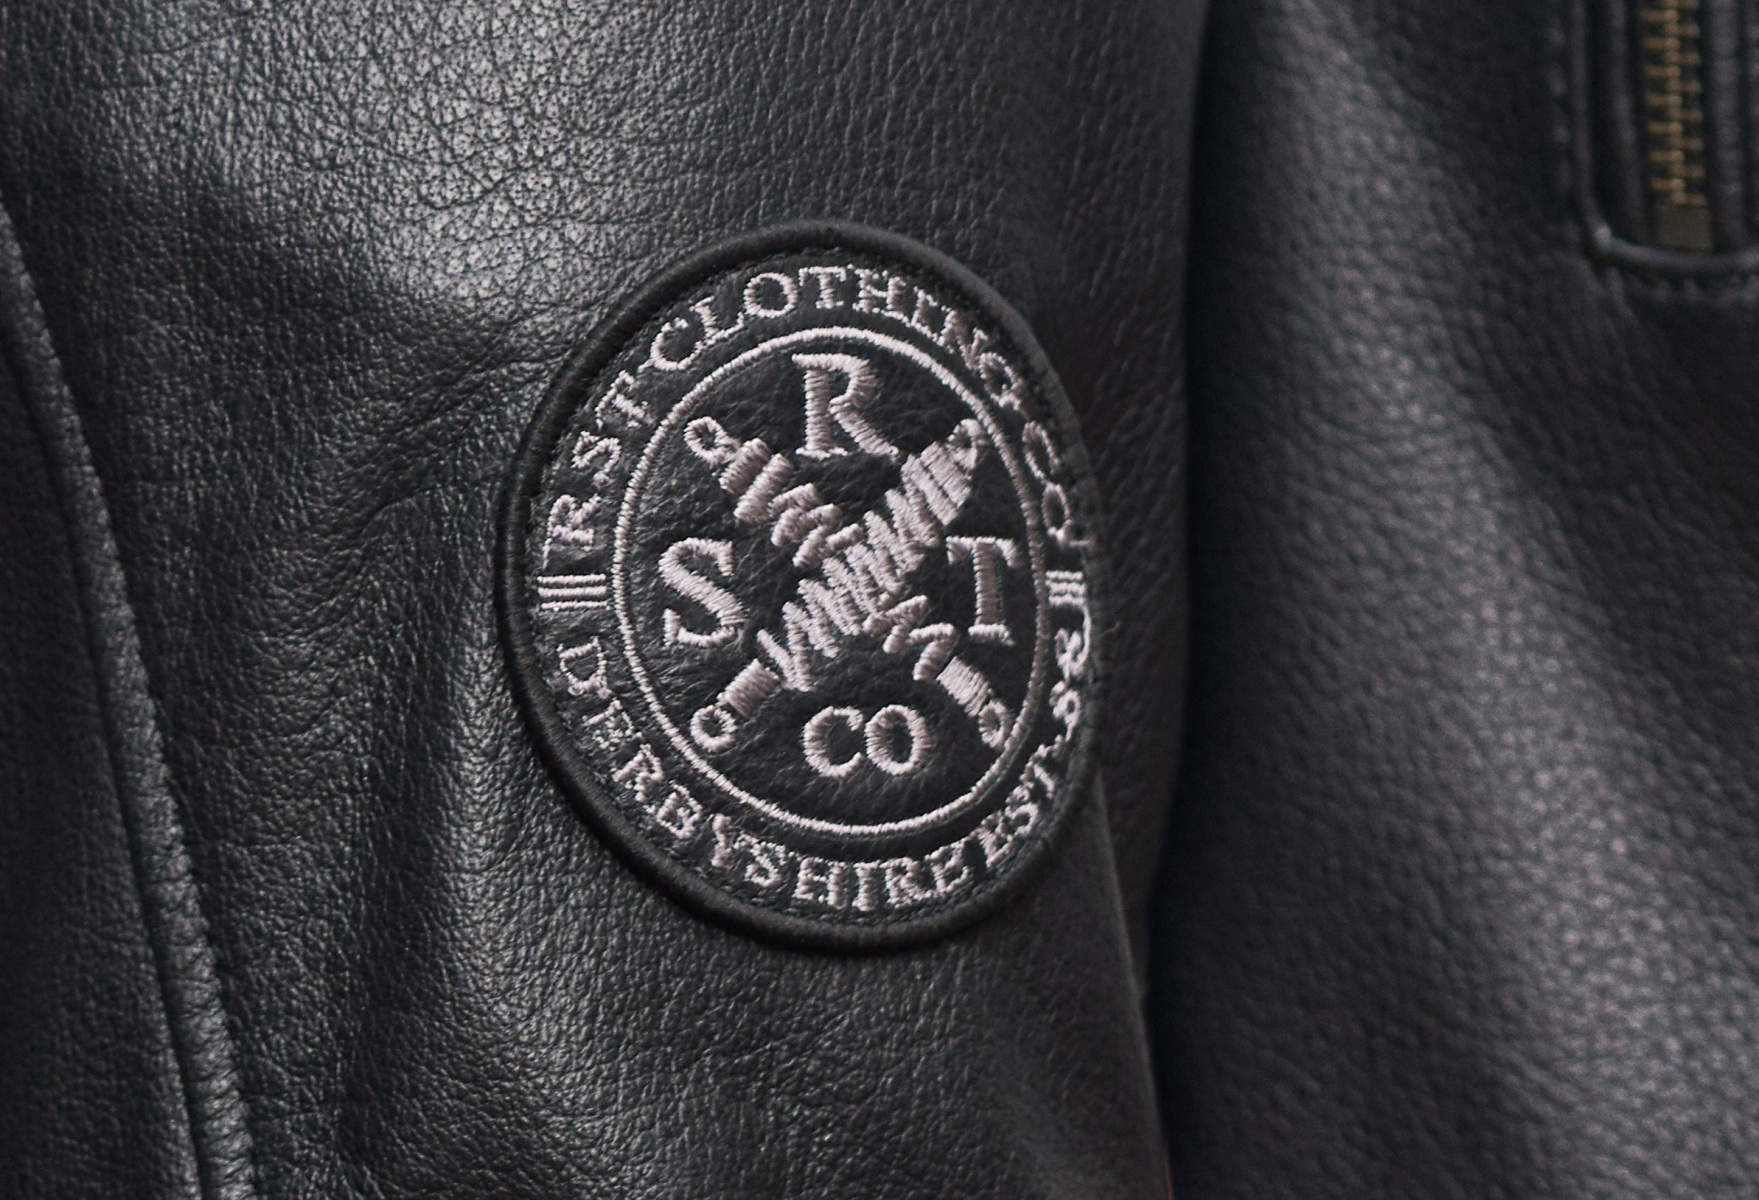 102376-rst-matlock-leather-jacket-black-lifestyle-02